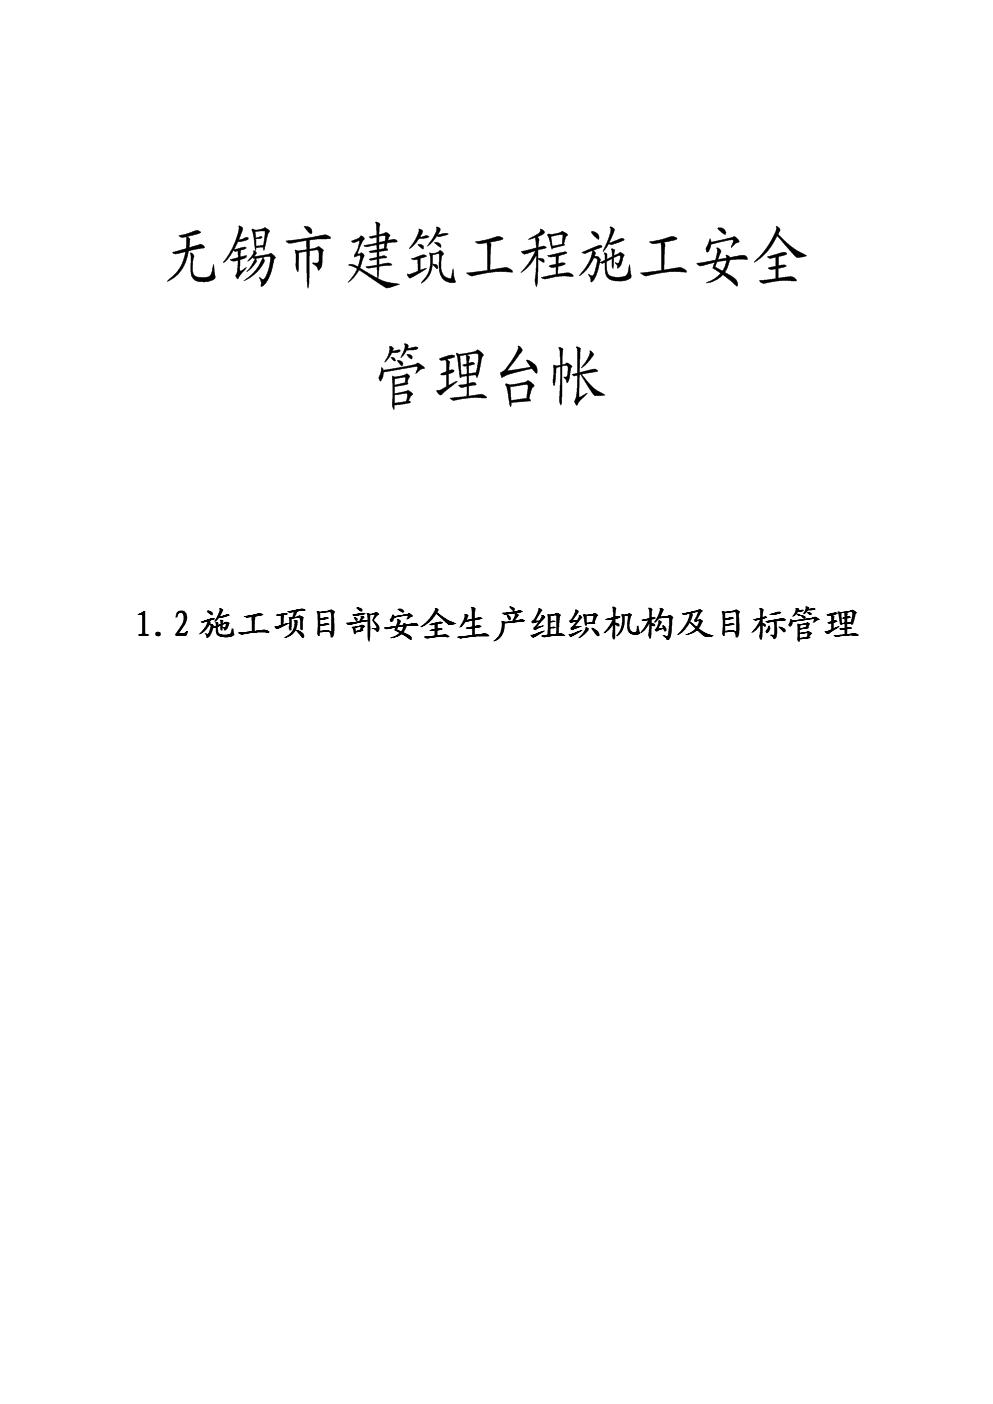 1.2 施工项目部安全生产组织机构及目标管理.doc